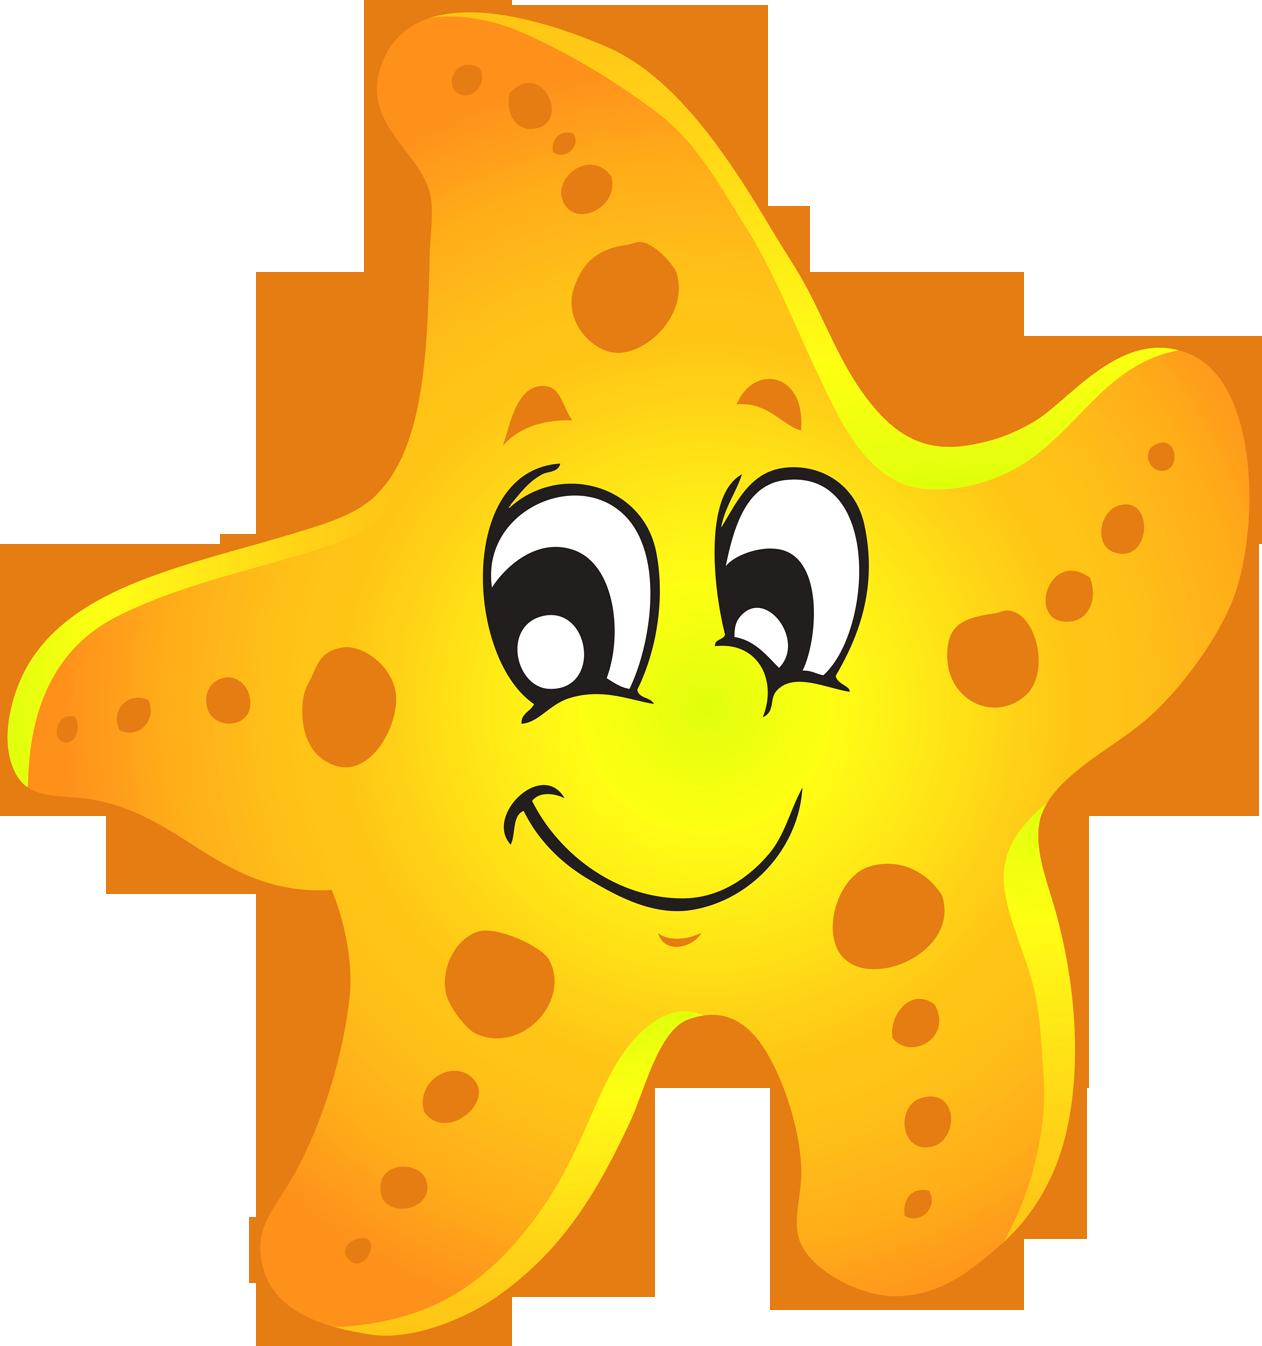 Starfish Clip Art U0026 Starfish Clip Ar-Starfish Clip Art u0026 Starfish Clip Art Clip Art Images - ClipartALL clipartall.com-14